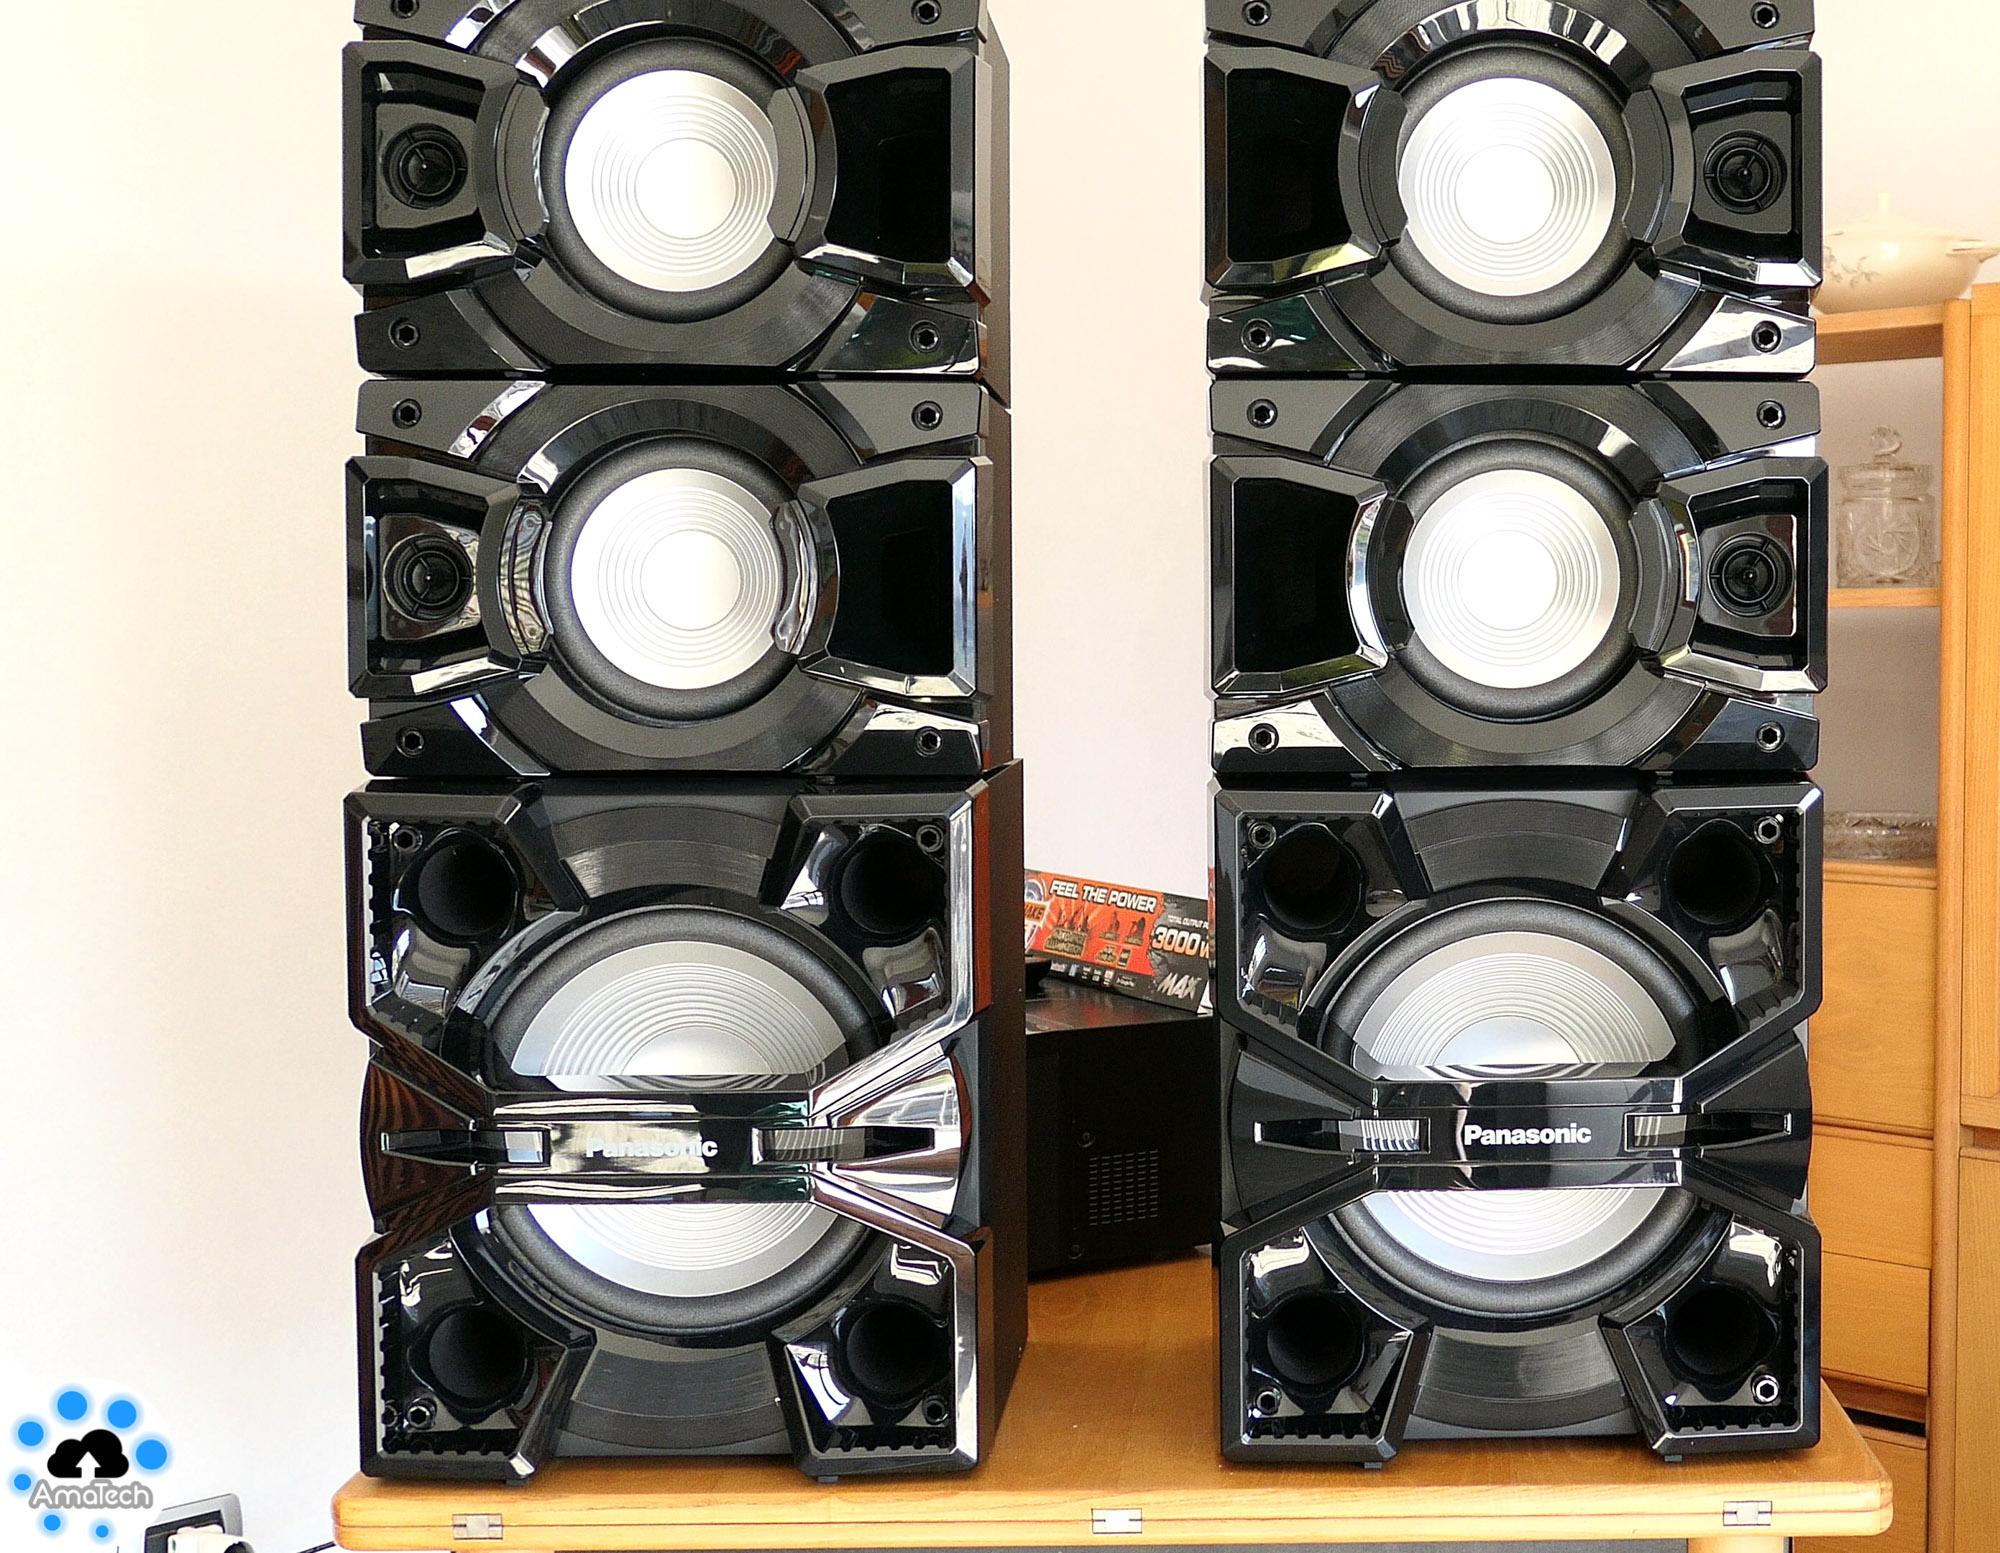 Recensione panasonic sc max7000 impianto hi fi per casa - Impianto stereo per casa ...